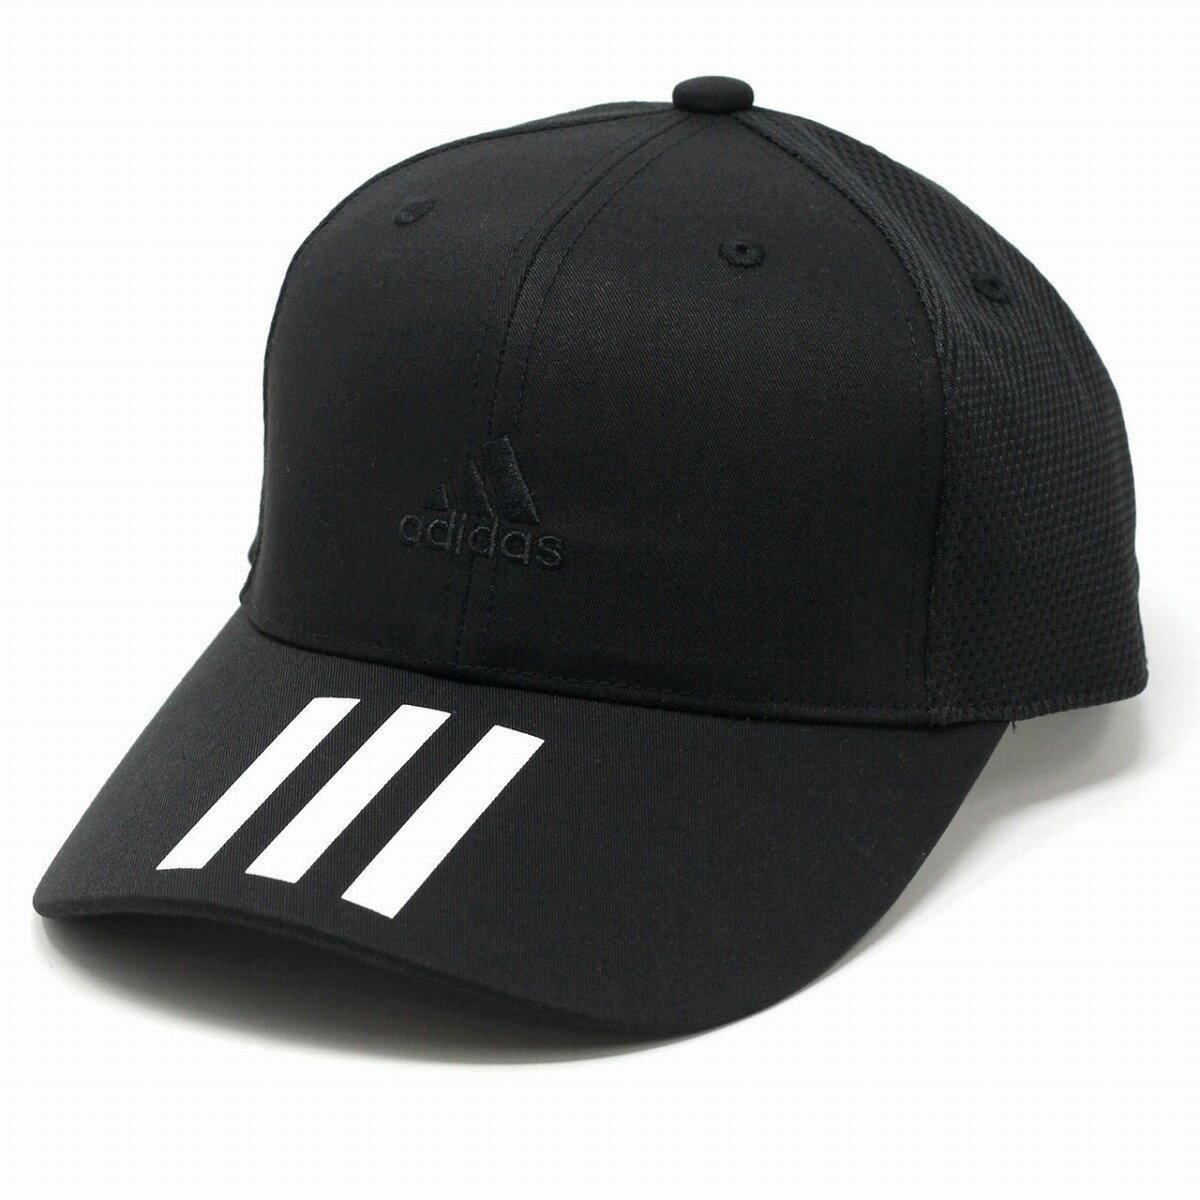 メンズ帽子, キャップ  3 adidas 3st baseball cap